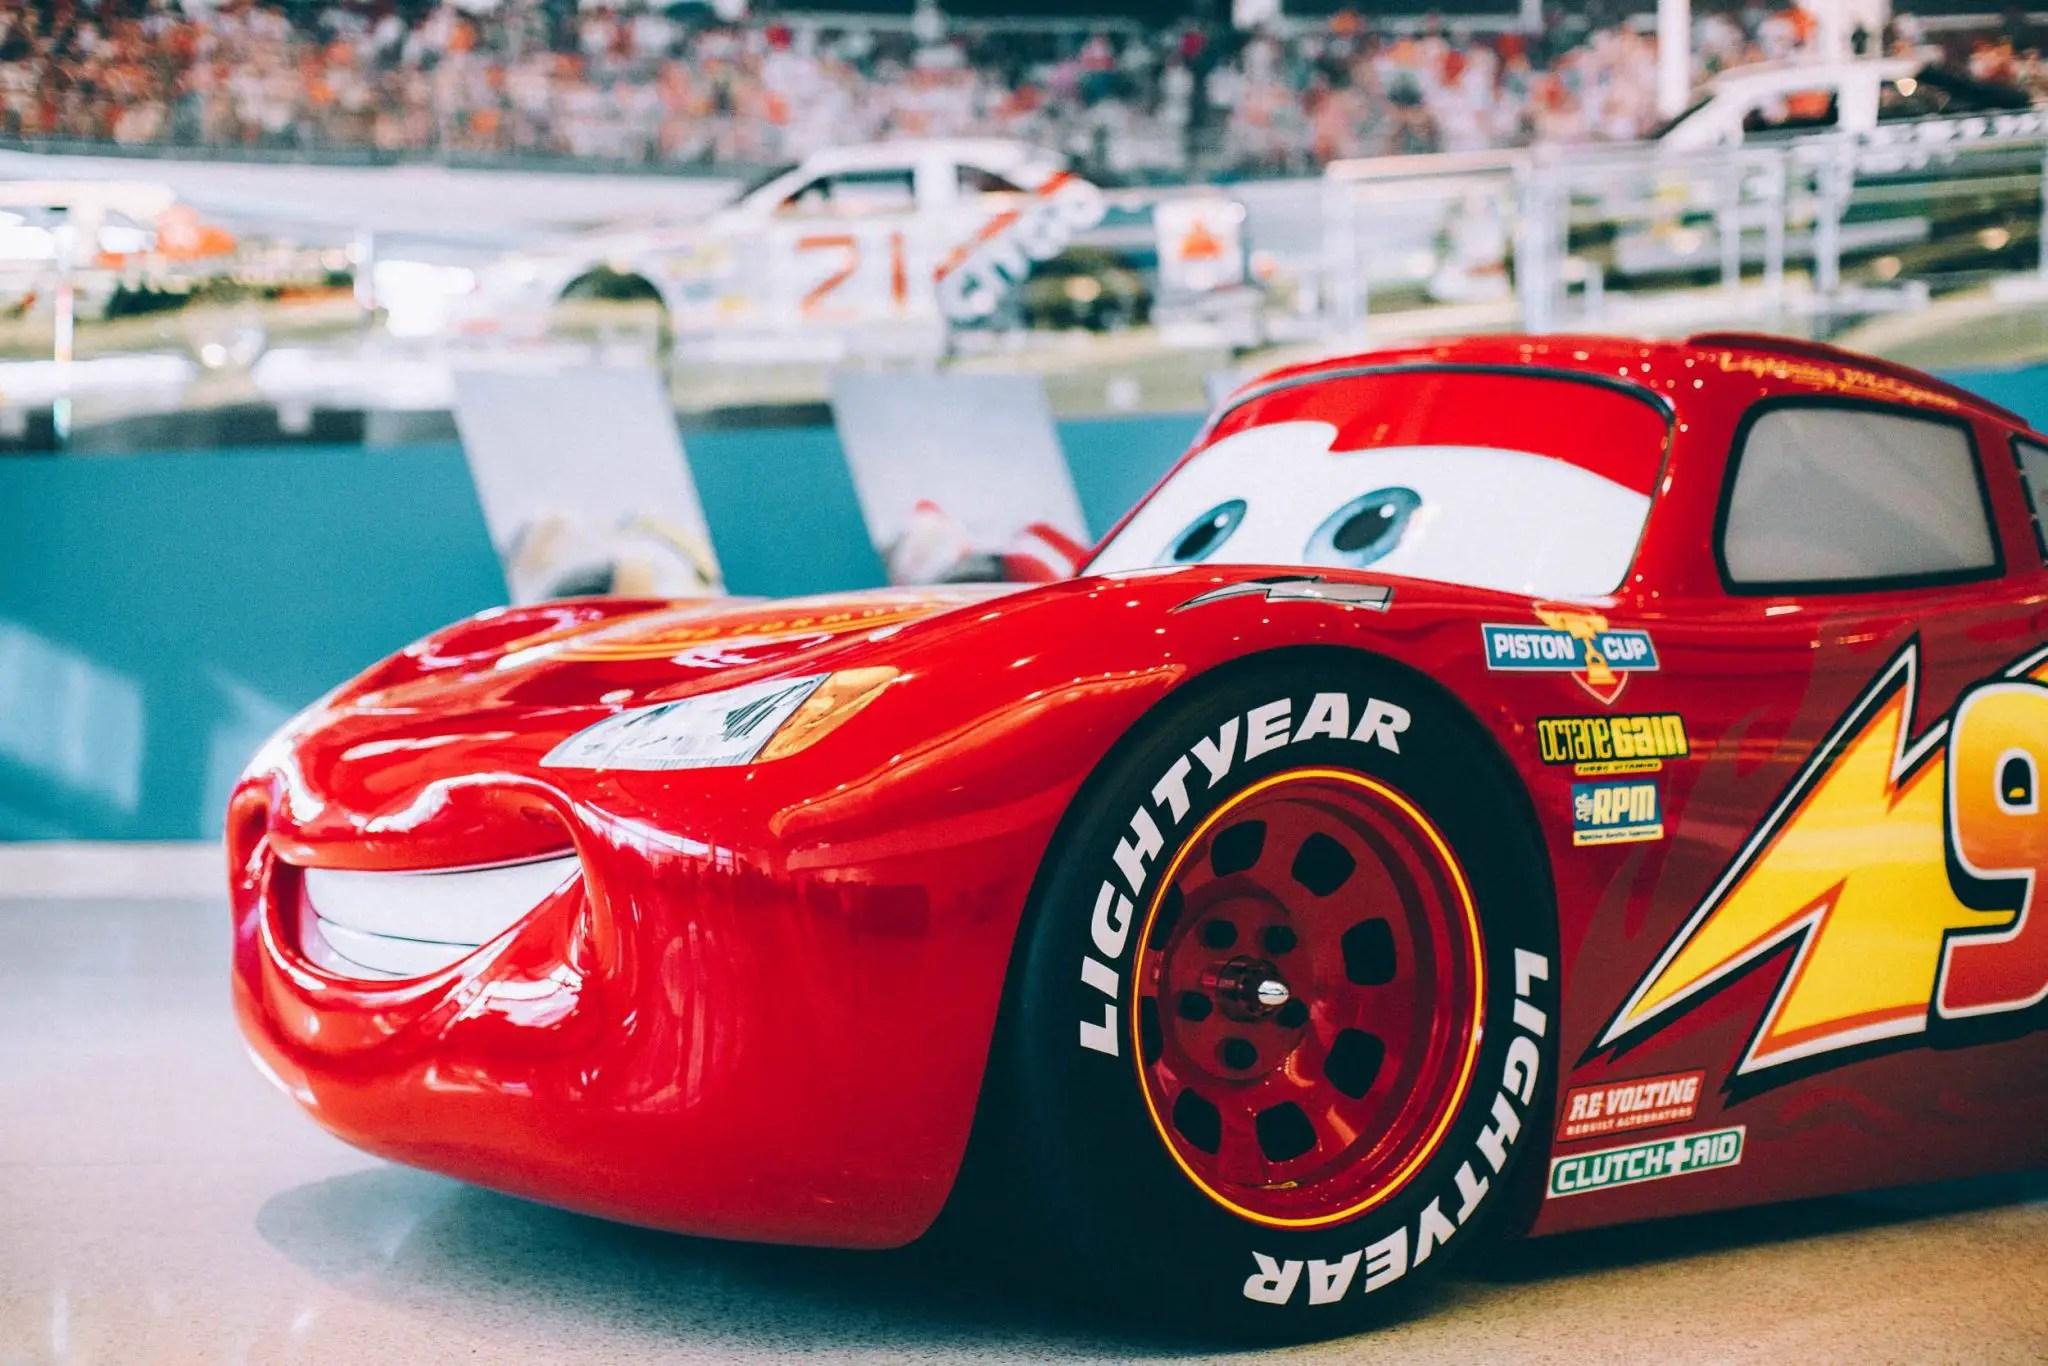 car at 3 - photo #26